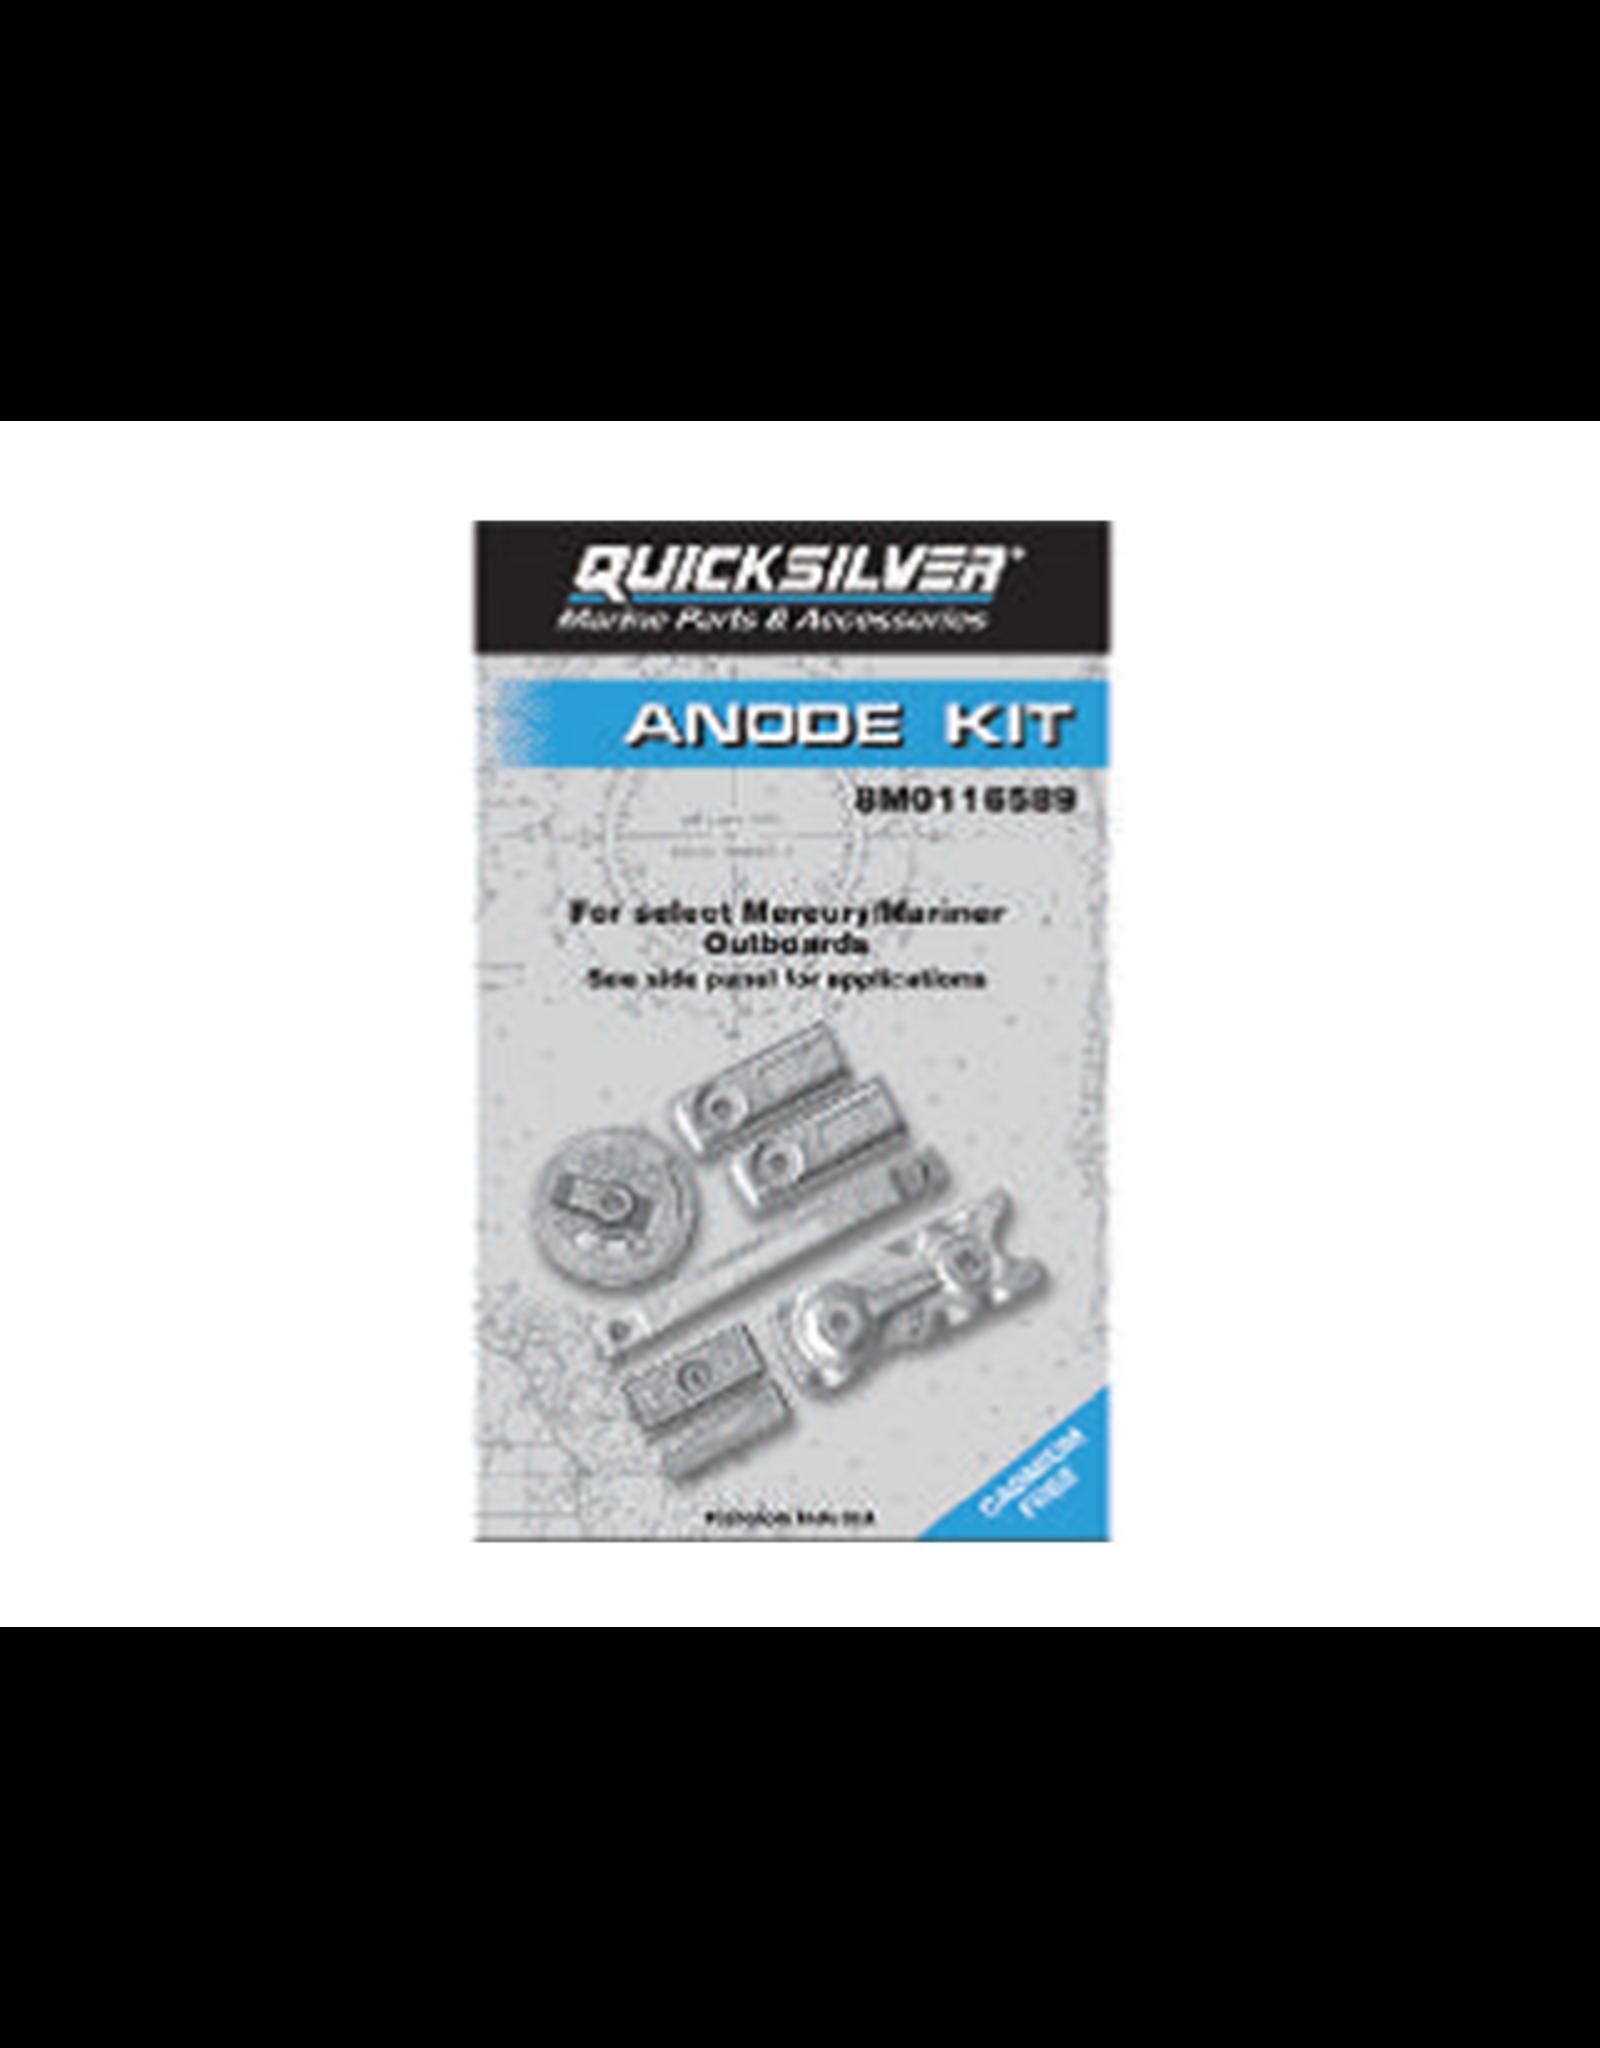 Mercury Mercury / Quicksilver Anode kit 8M0116589